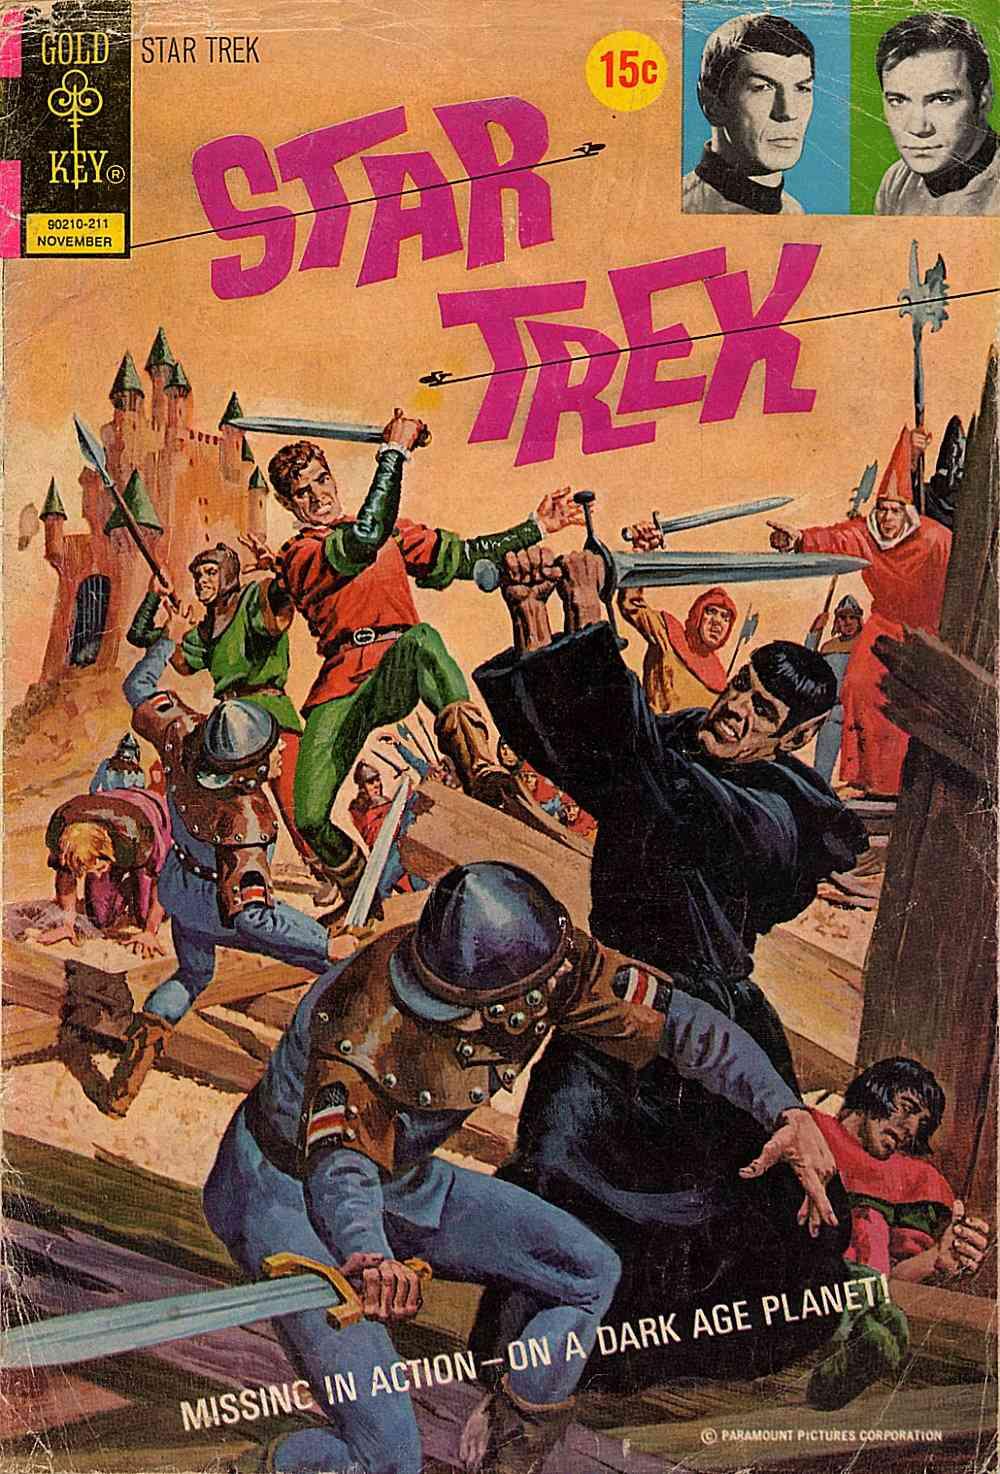 Star Trek (1967) issue 16 - Page 1